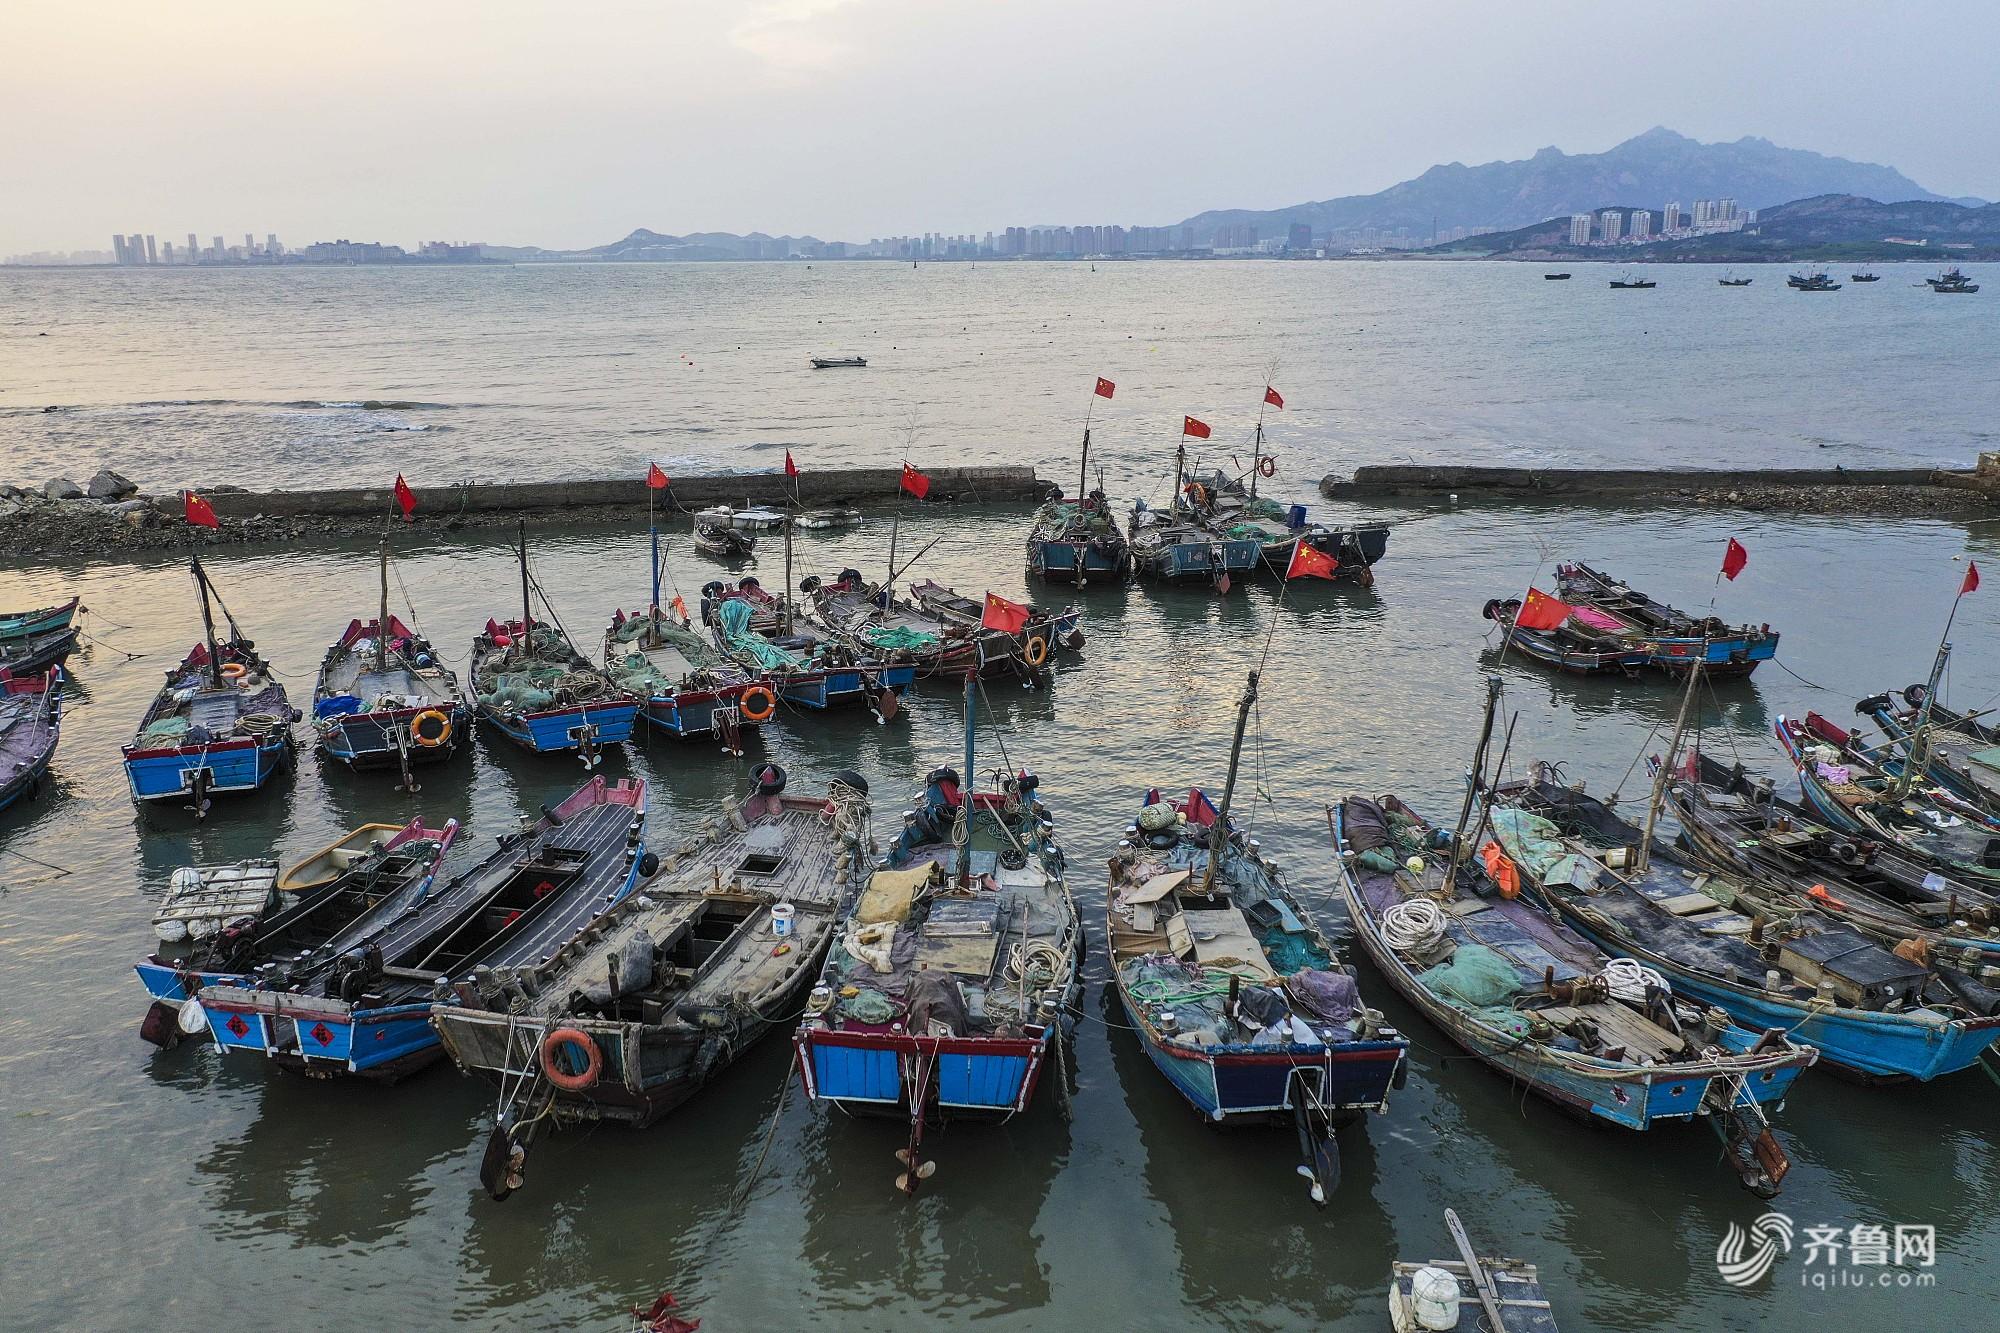 航拍山东青岛西海岸新区鱼鸣嘴渔港 伏季休渔期渔港井然有序